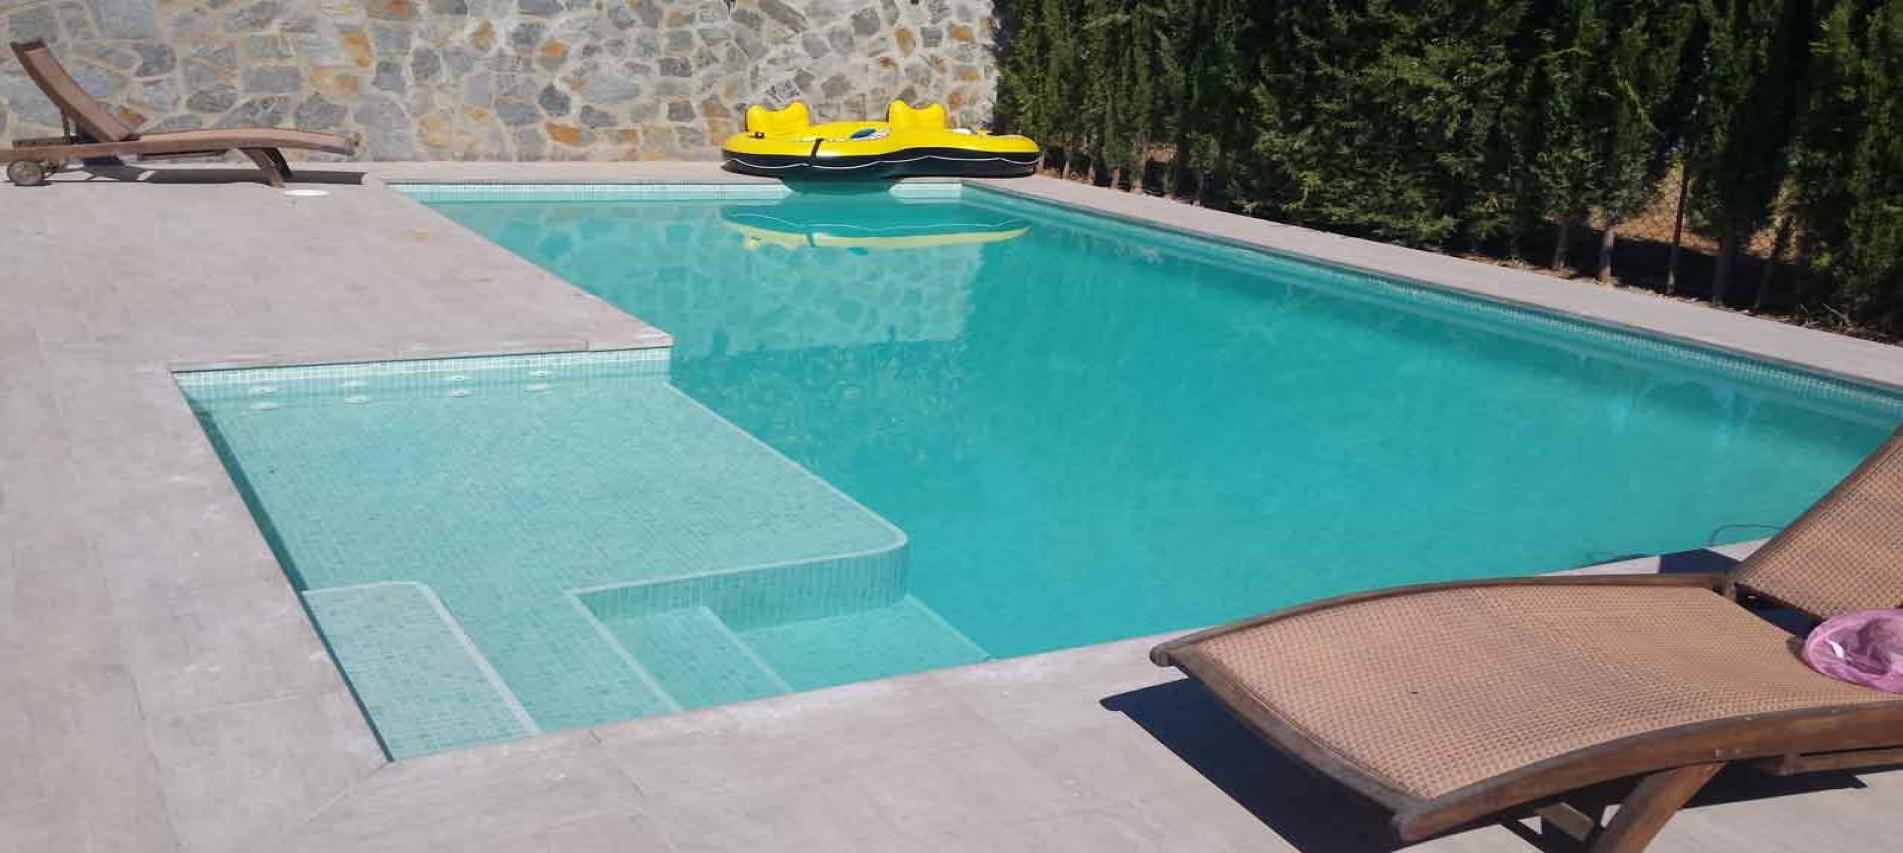 Agua para piscinas en mallorca - Piscinas prefabricadas mallorca ...